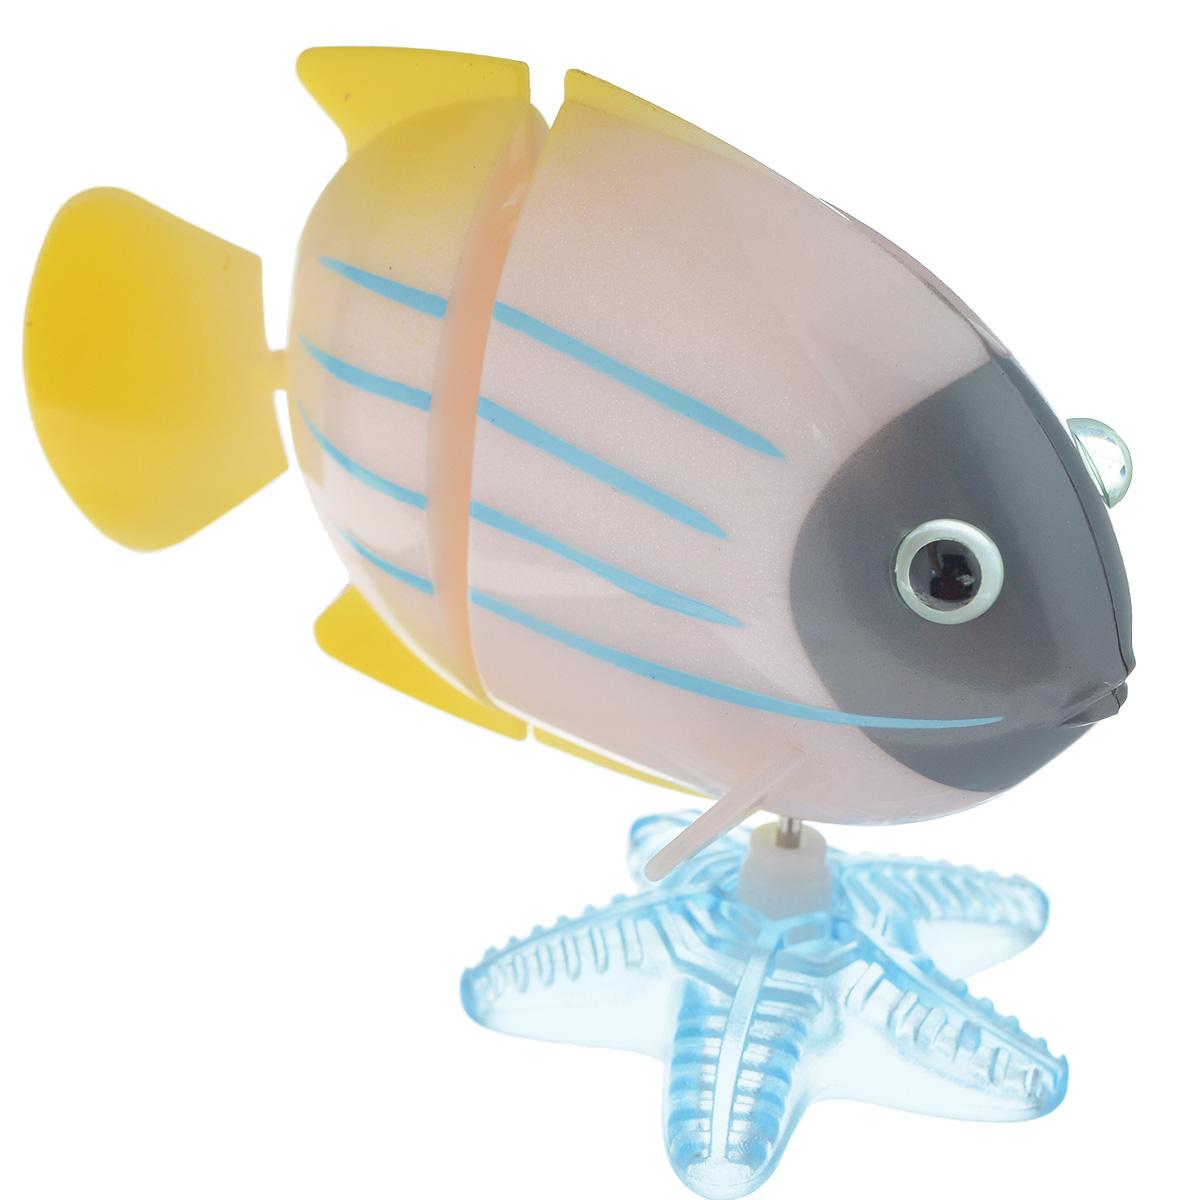 Игрушка заводная Коралловая рыбка, цвет: белый, серый2K-F2D_ серыйИгрушка Hans Коралловая рыбка привлечет внимание вашего малыша и не позволит ему скучать! Выполненная из безопасного пластика, игрушка представляет собой забавную рыбку. В комплекте имеется морская звезда, благодаря которой игрушку можно поставить на горизонтальную поверхность. Игрушка имеет механический завод. Для запуска, придерживая гребной винт, поверните заводной ключ по часовой стрелке до упора. Опустите игрушку в воду и она поплывет вперед. Заводная игрушка Hans Коралловая рыбка поможет ребенку в развитии воображения, мелкой моторики рук, концентрации внимания и цветового восприятия. Игрушка упакована в пластиковое яйцо, которое можно использовать как копилку.